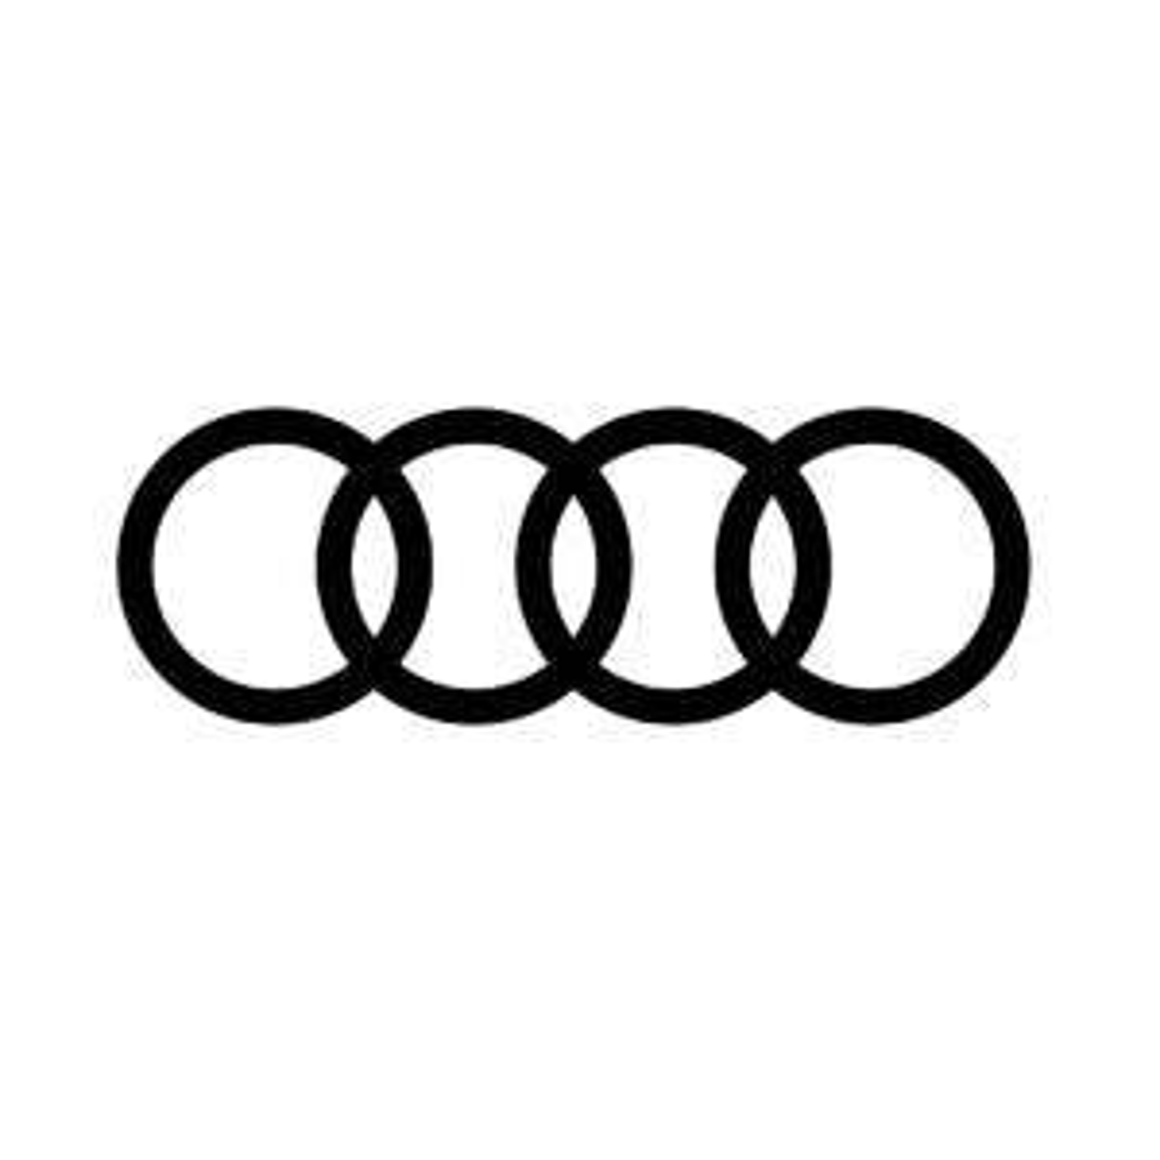 Car check Audi offert (30 points de contrôle) - Sur rendez-vous dans une sélection de partenaires